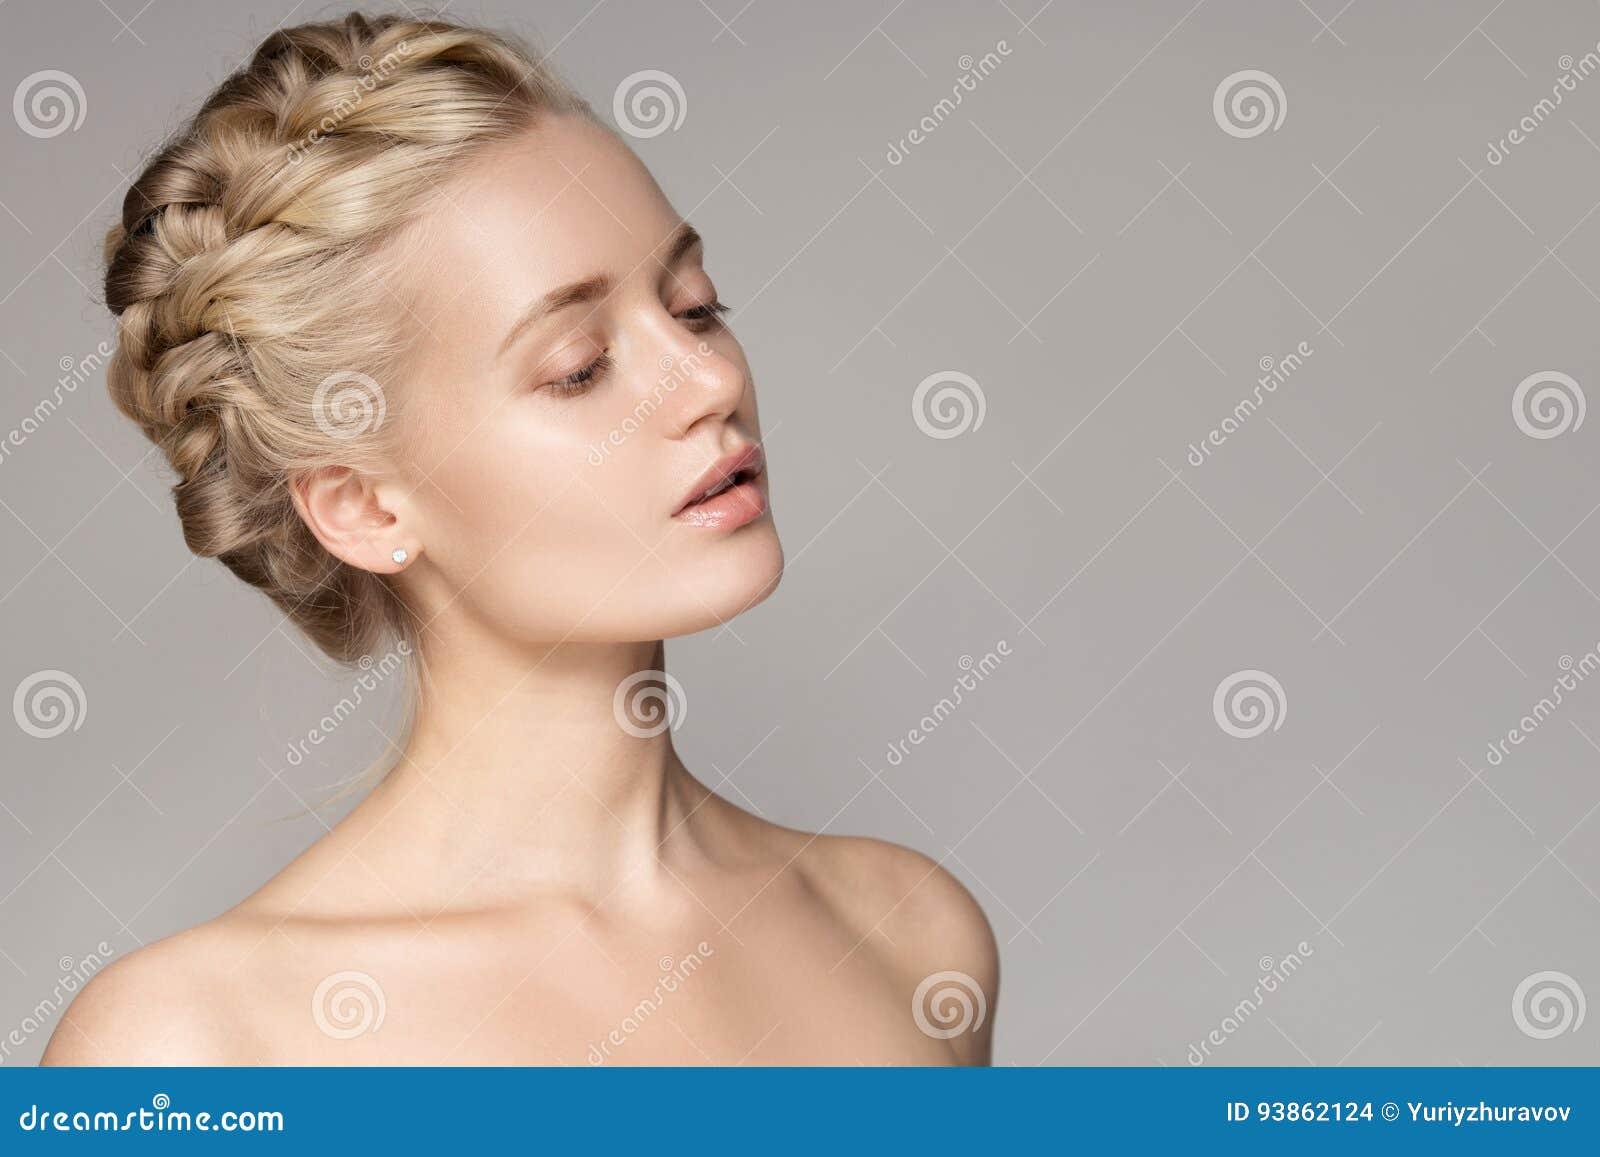 Portrat Einer Schonen Jungen Blonden Frau Mit Den Zopf Kronen Haaren